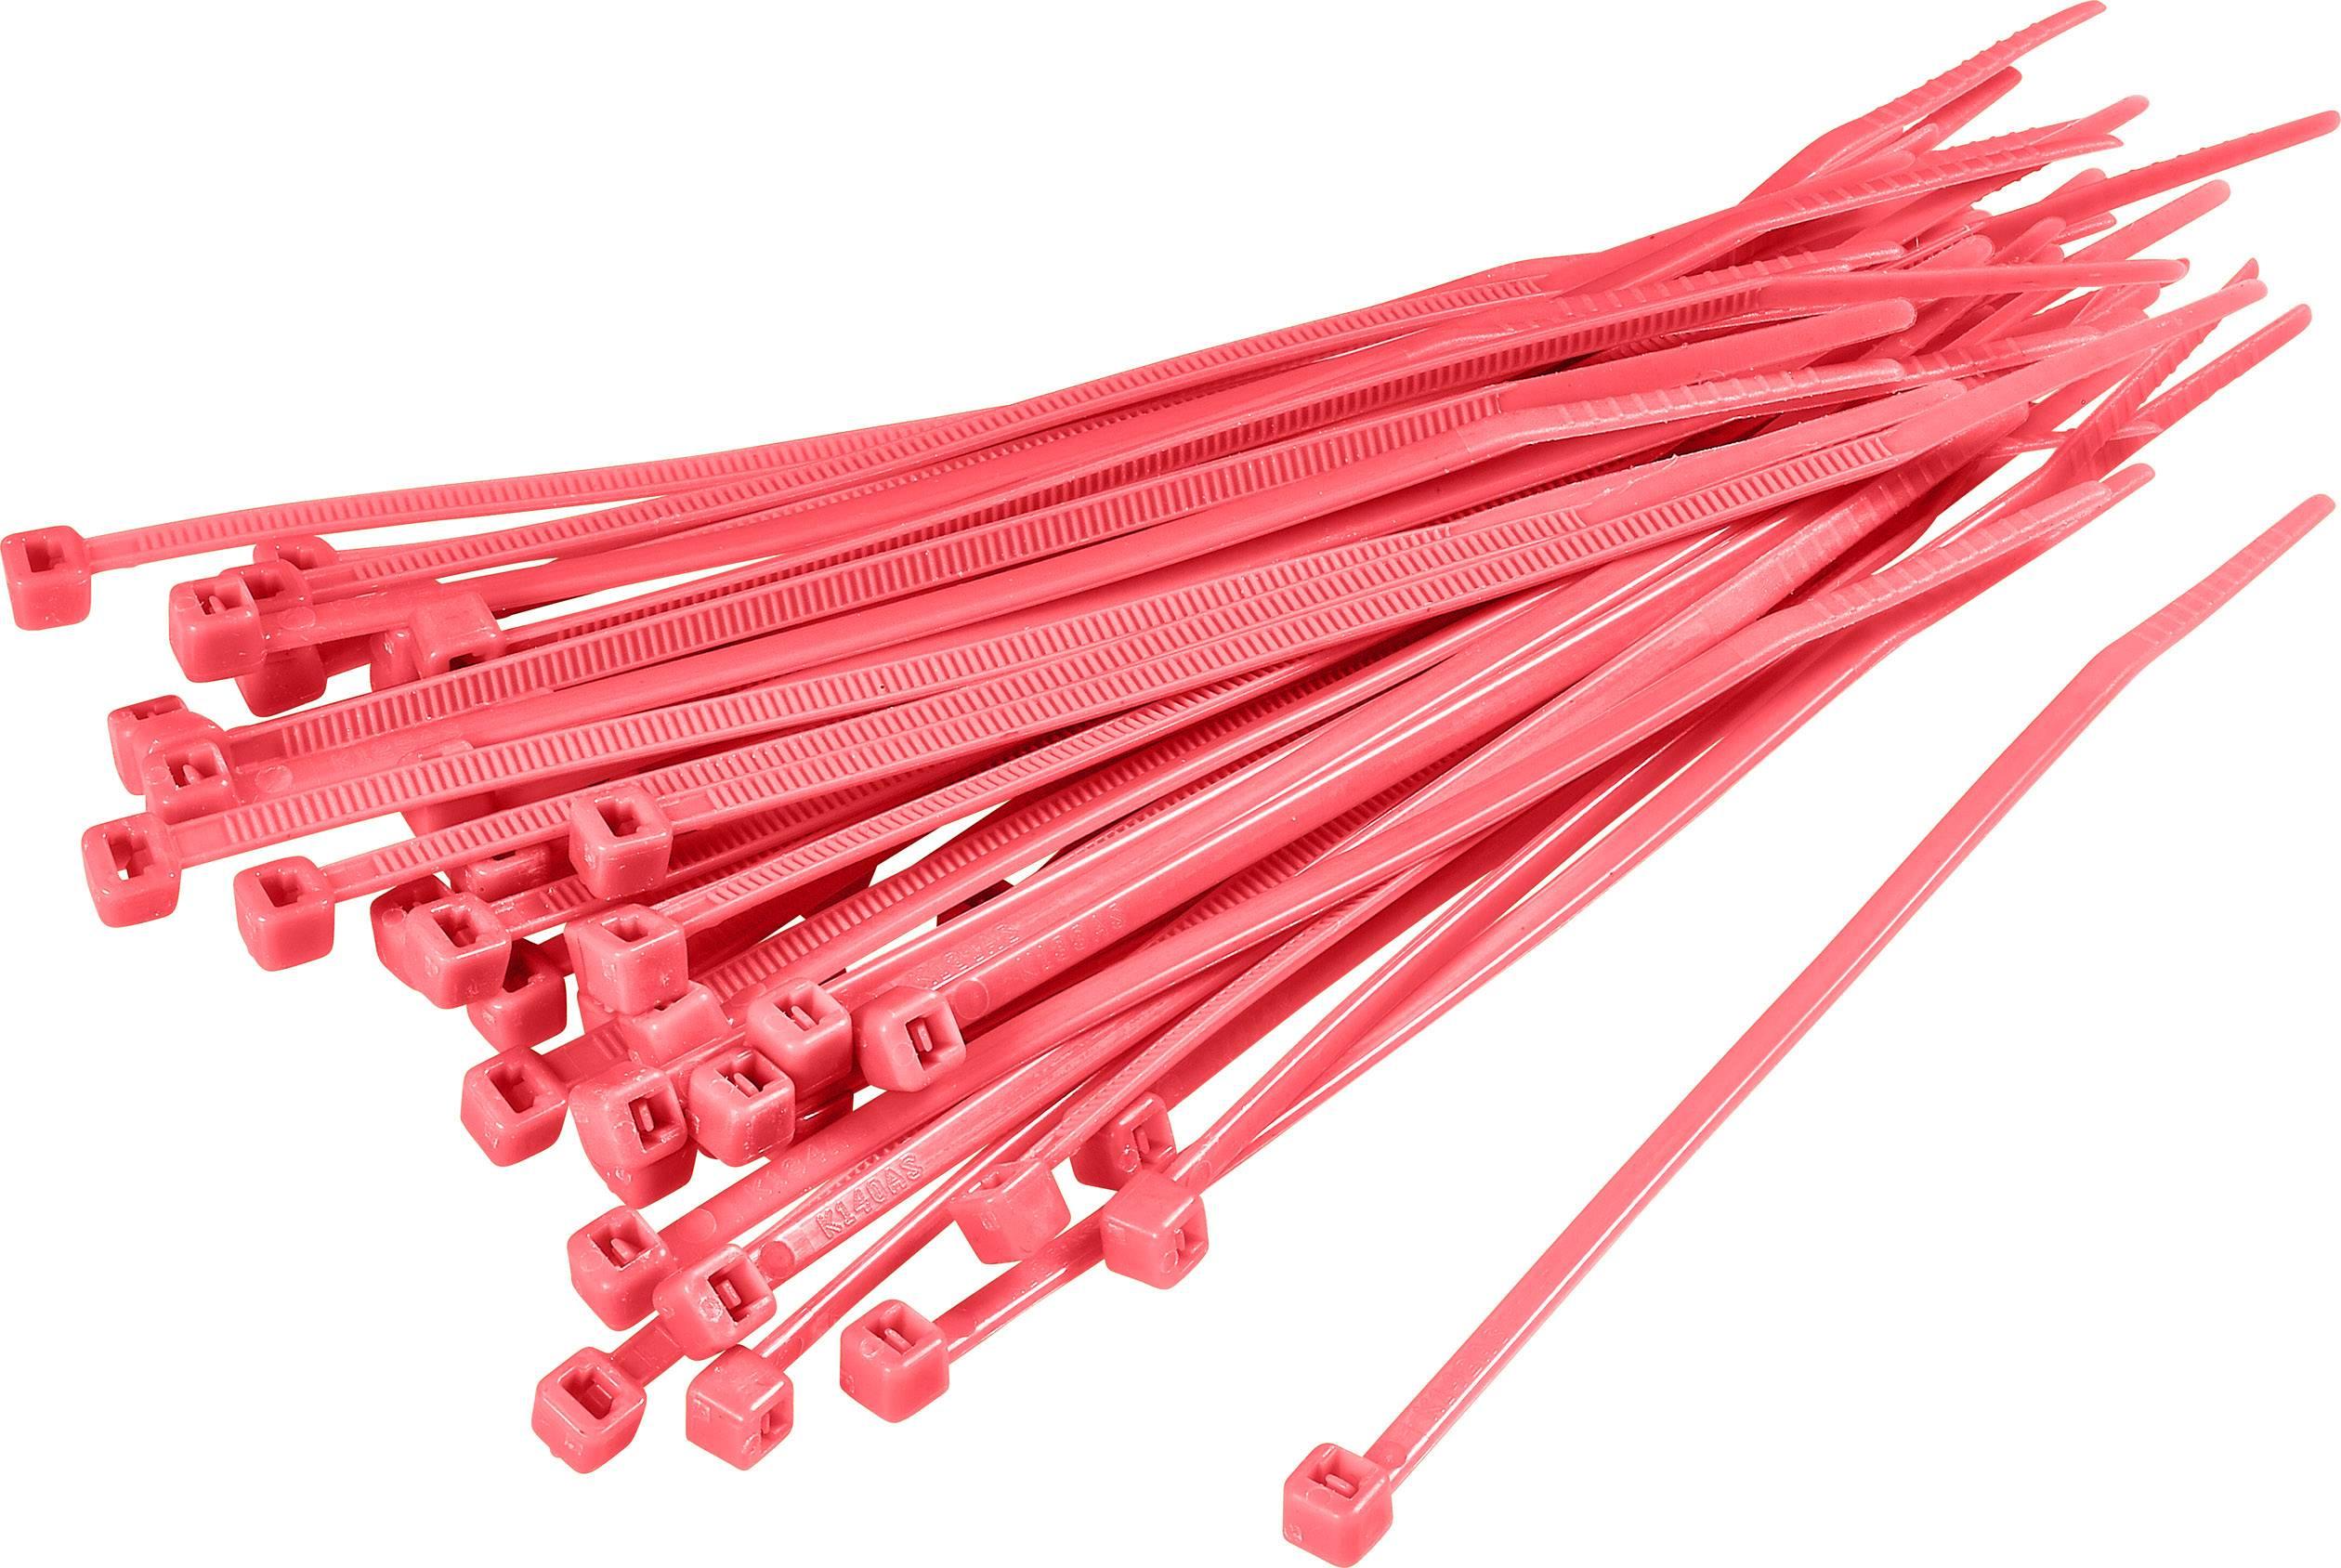 Sťahovacie pásky KSS CV150 1369089, 150 mm, červená, 100 ks